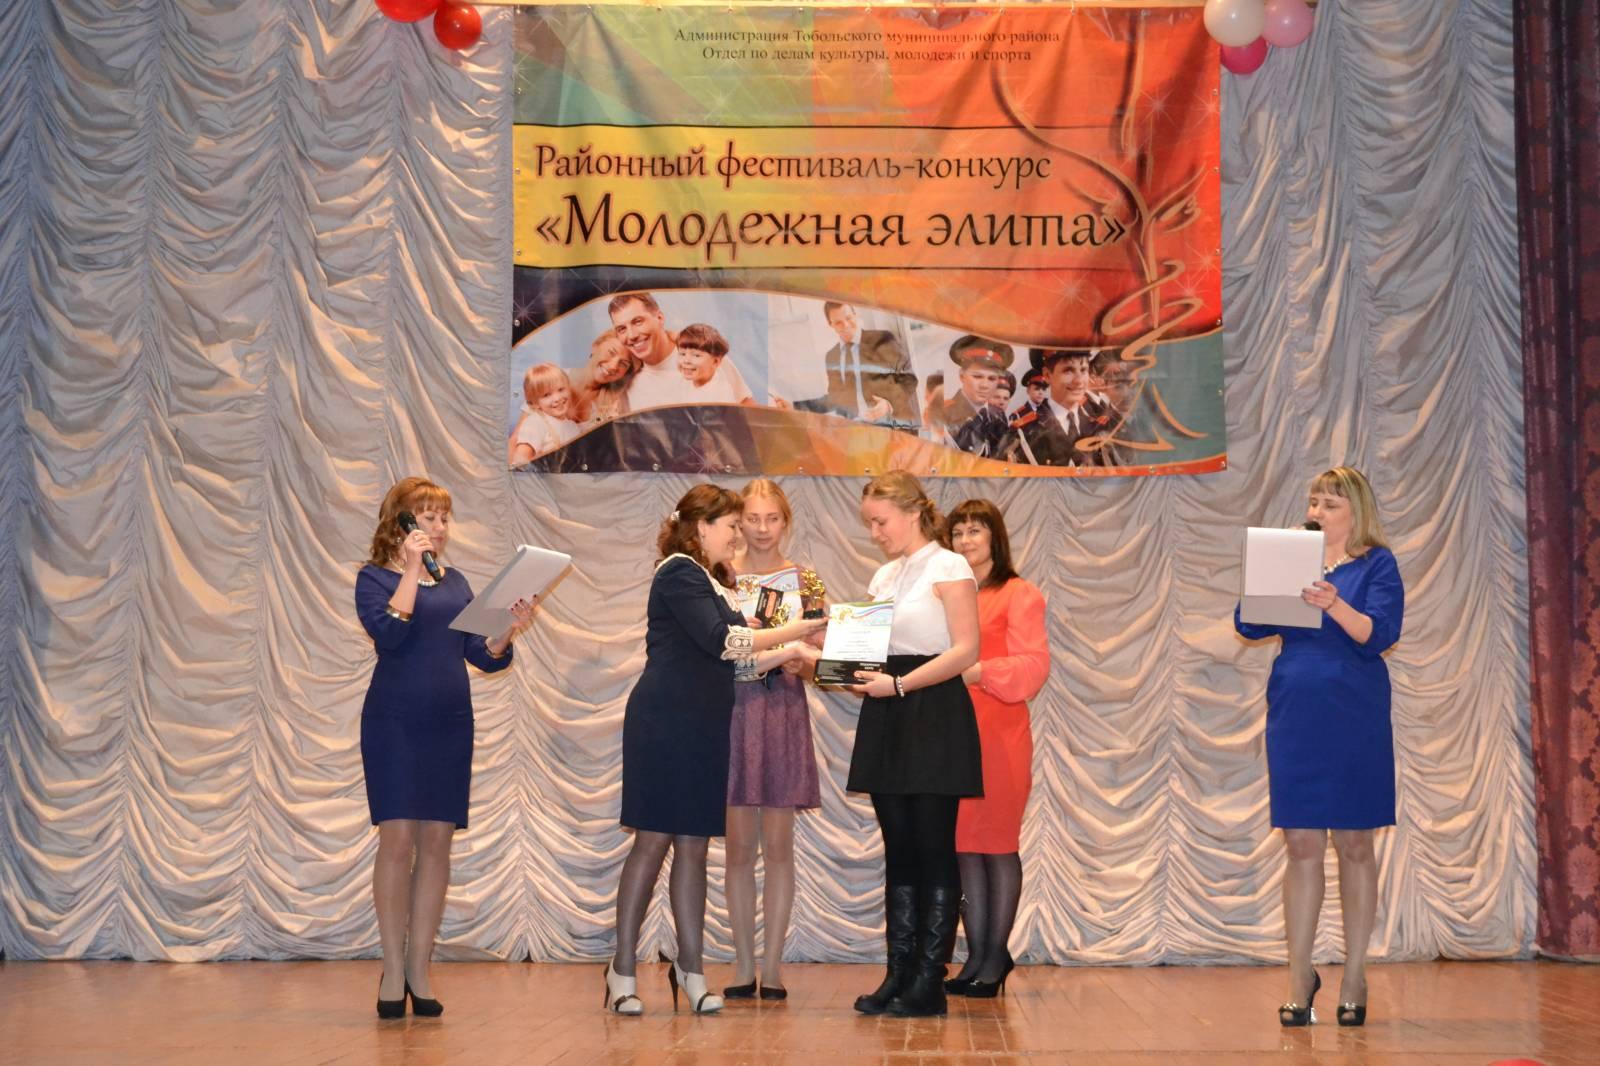 Молодежный конкурс заграфии